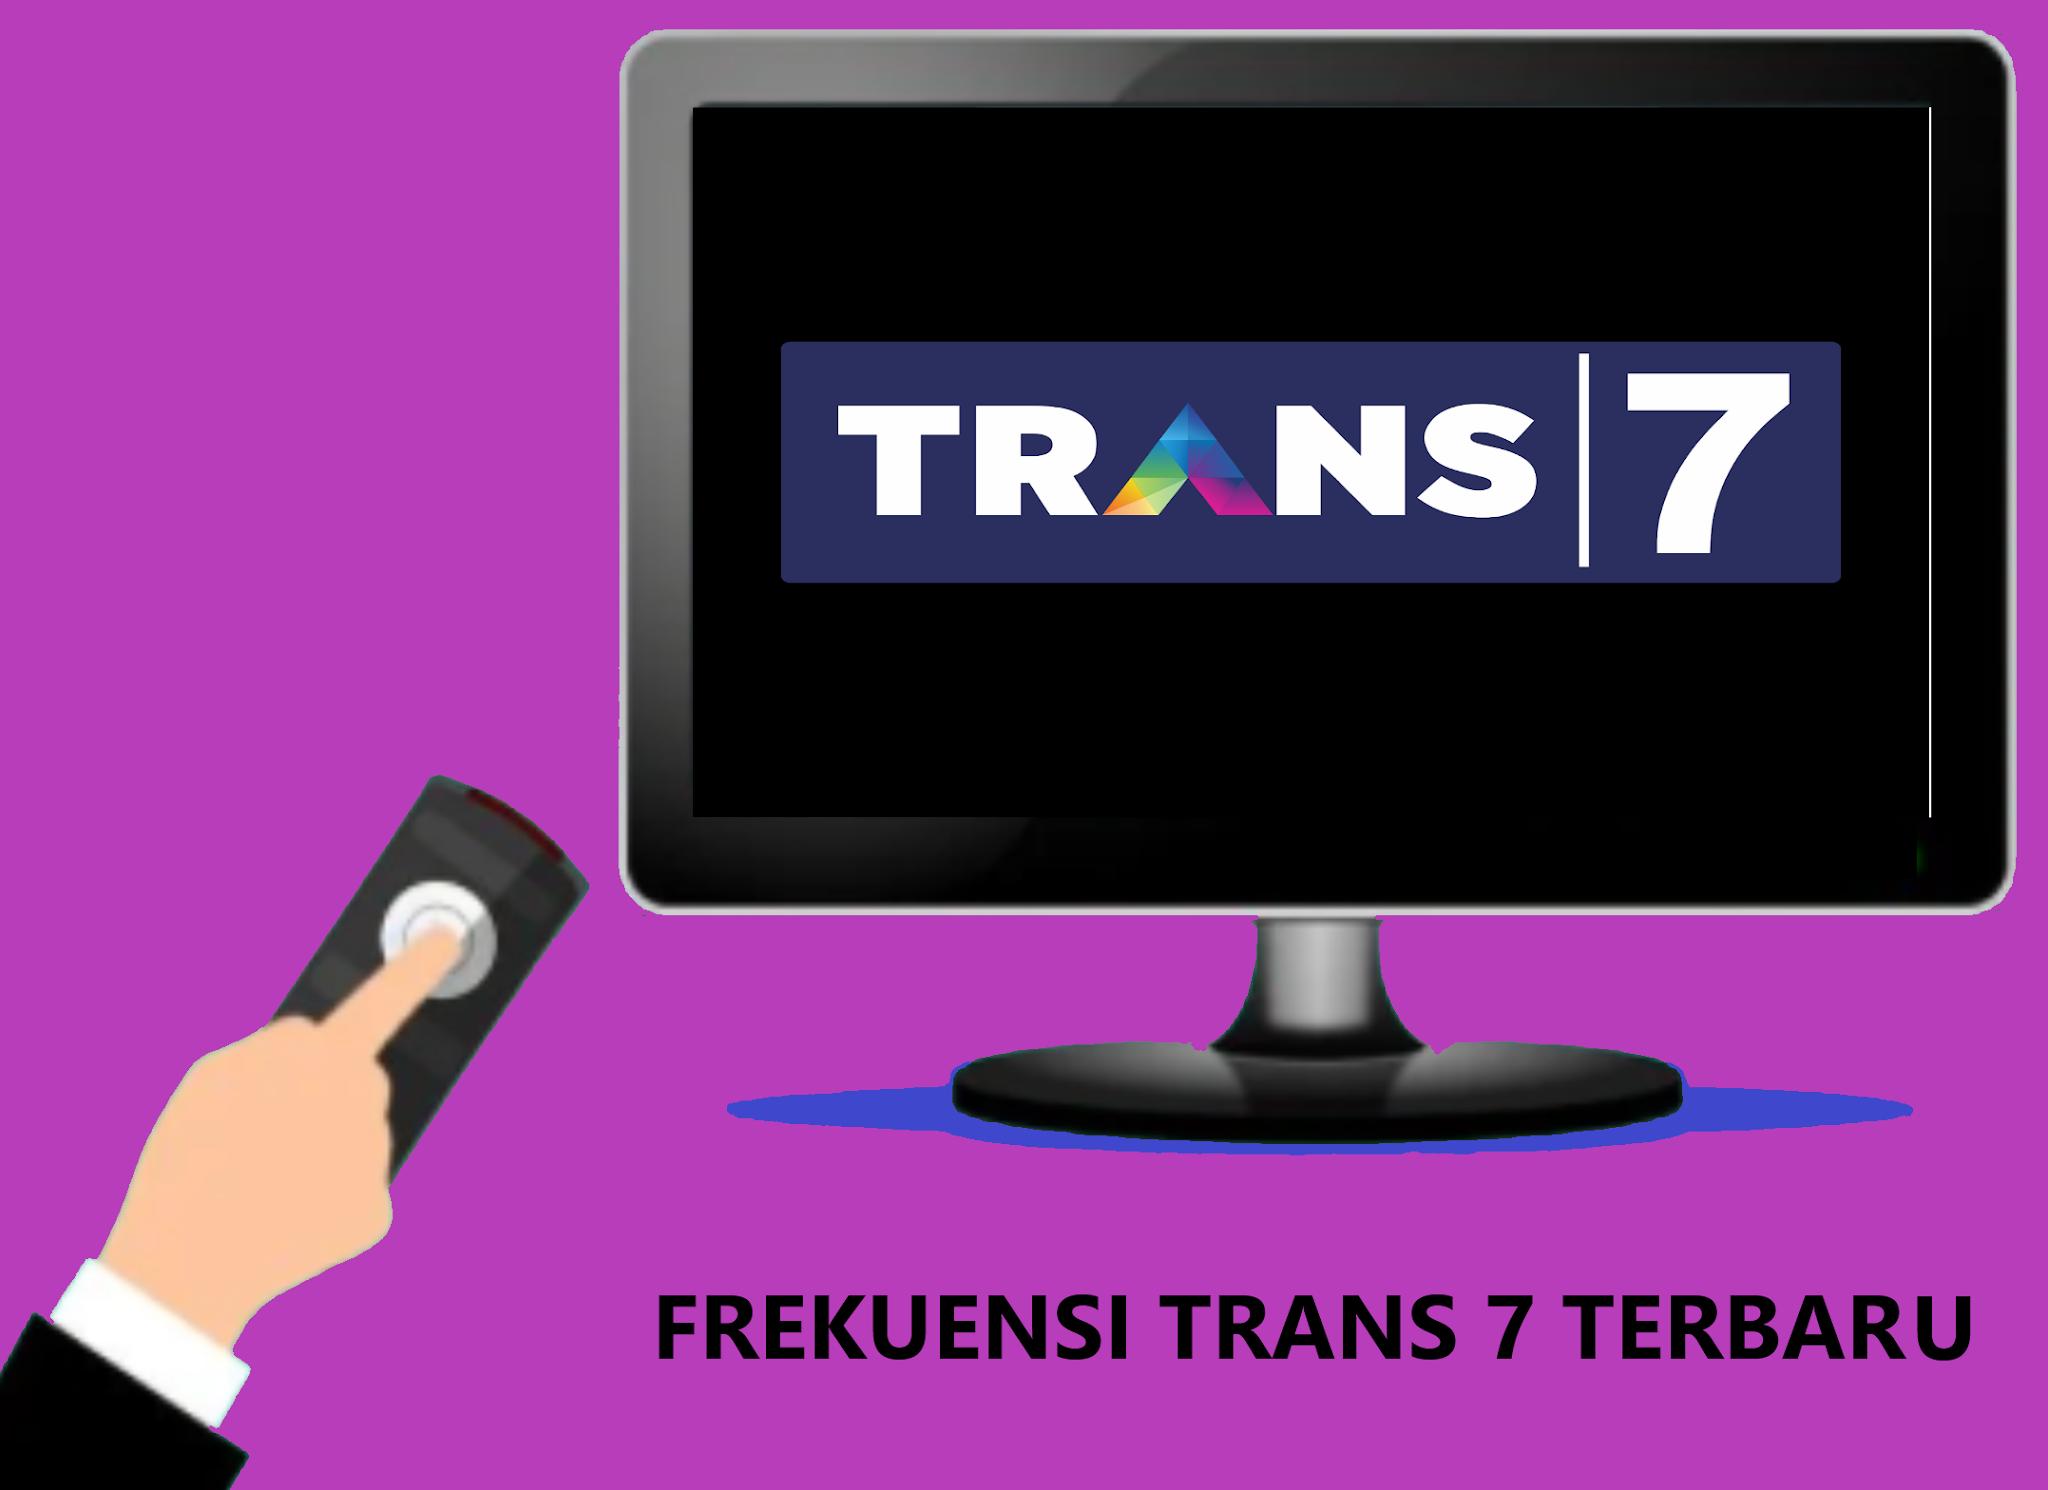 Frekuensi Trans 7 Terbaru Di Telkom 4 Update 2020